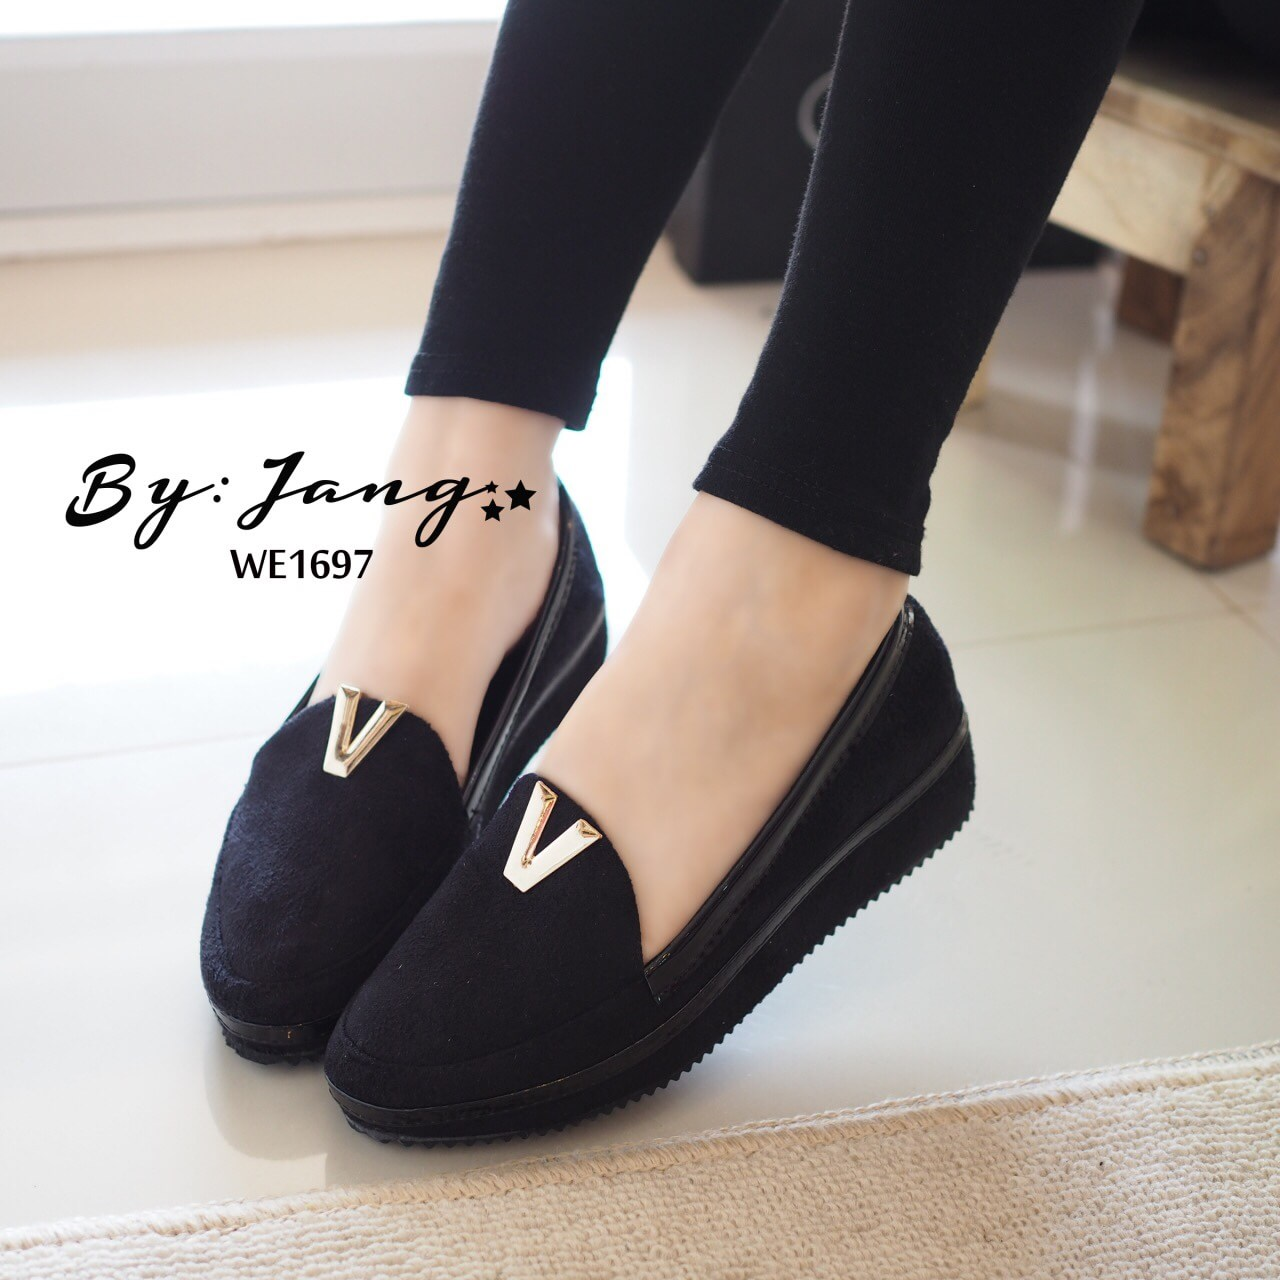 รองเท้าส้นขนมปังหน้า V (สีดำ)